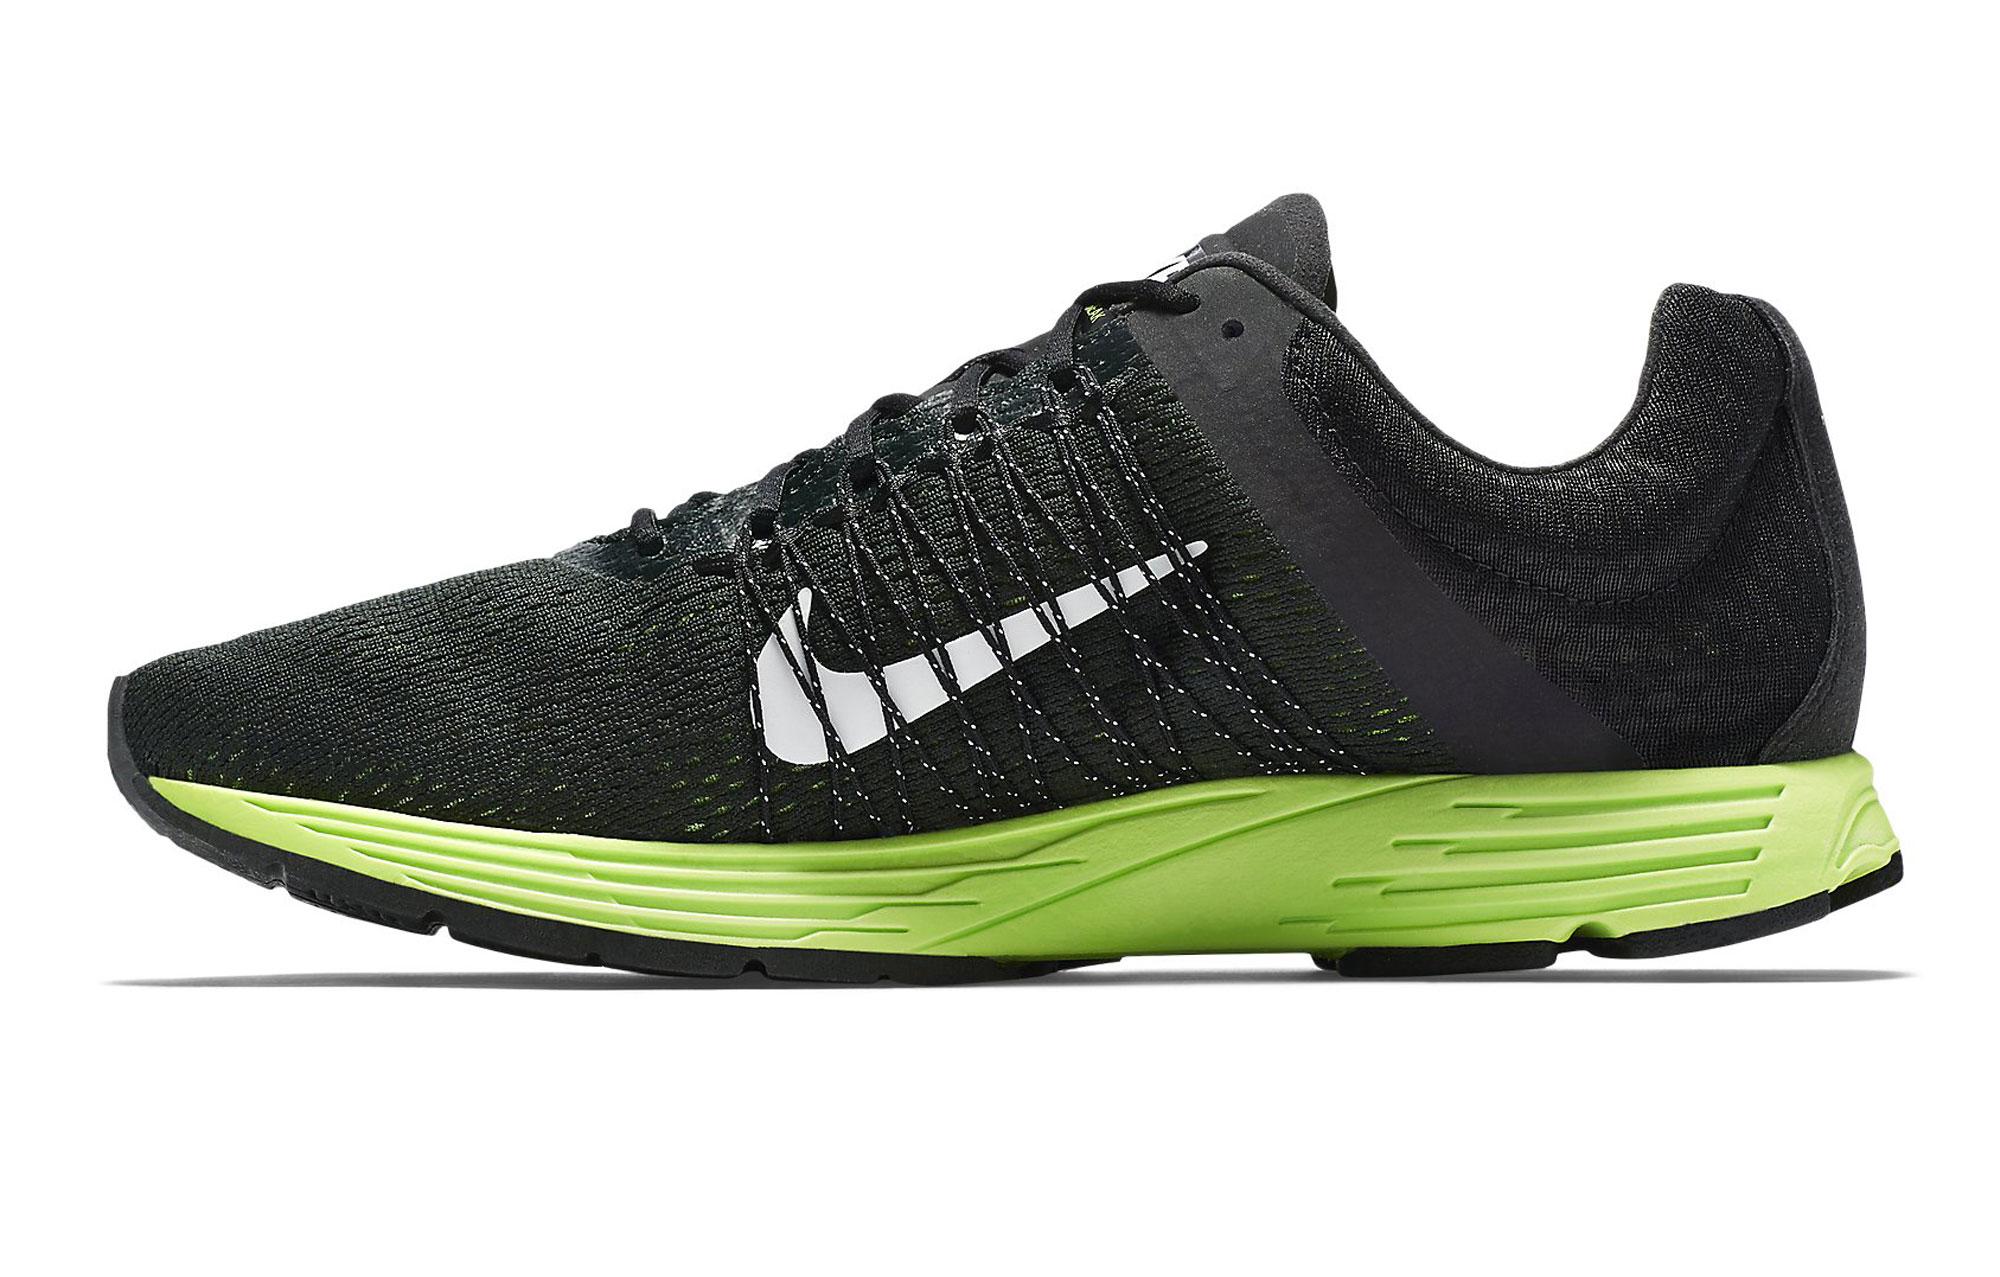 uk availability 4ce2d 66f1b Chaussures de Running Nike ZOOM STREAK 5 Noir